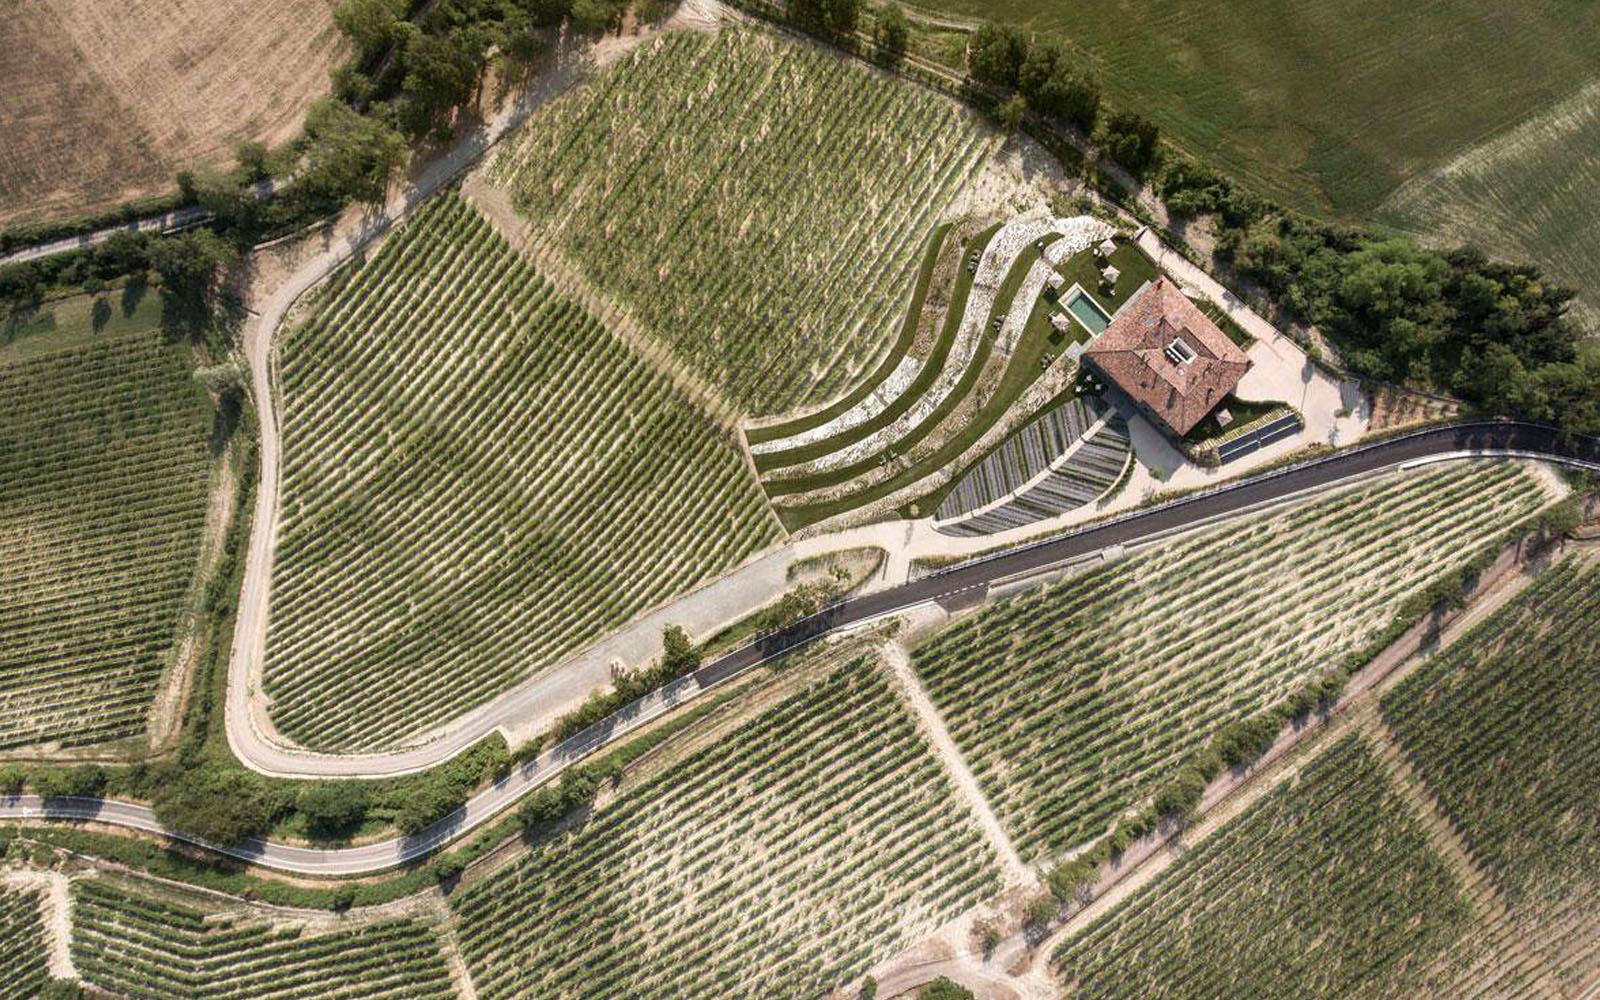 Veduta dell'azienda biodinamica La Raia dall'alto.